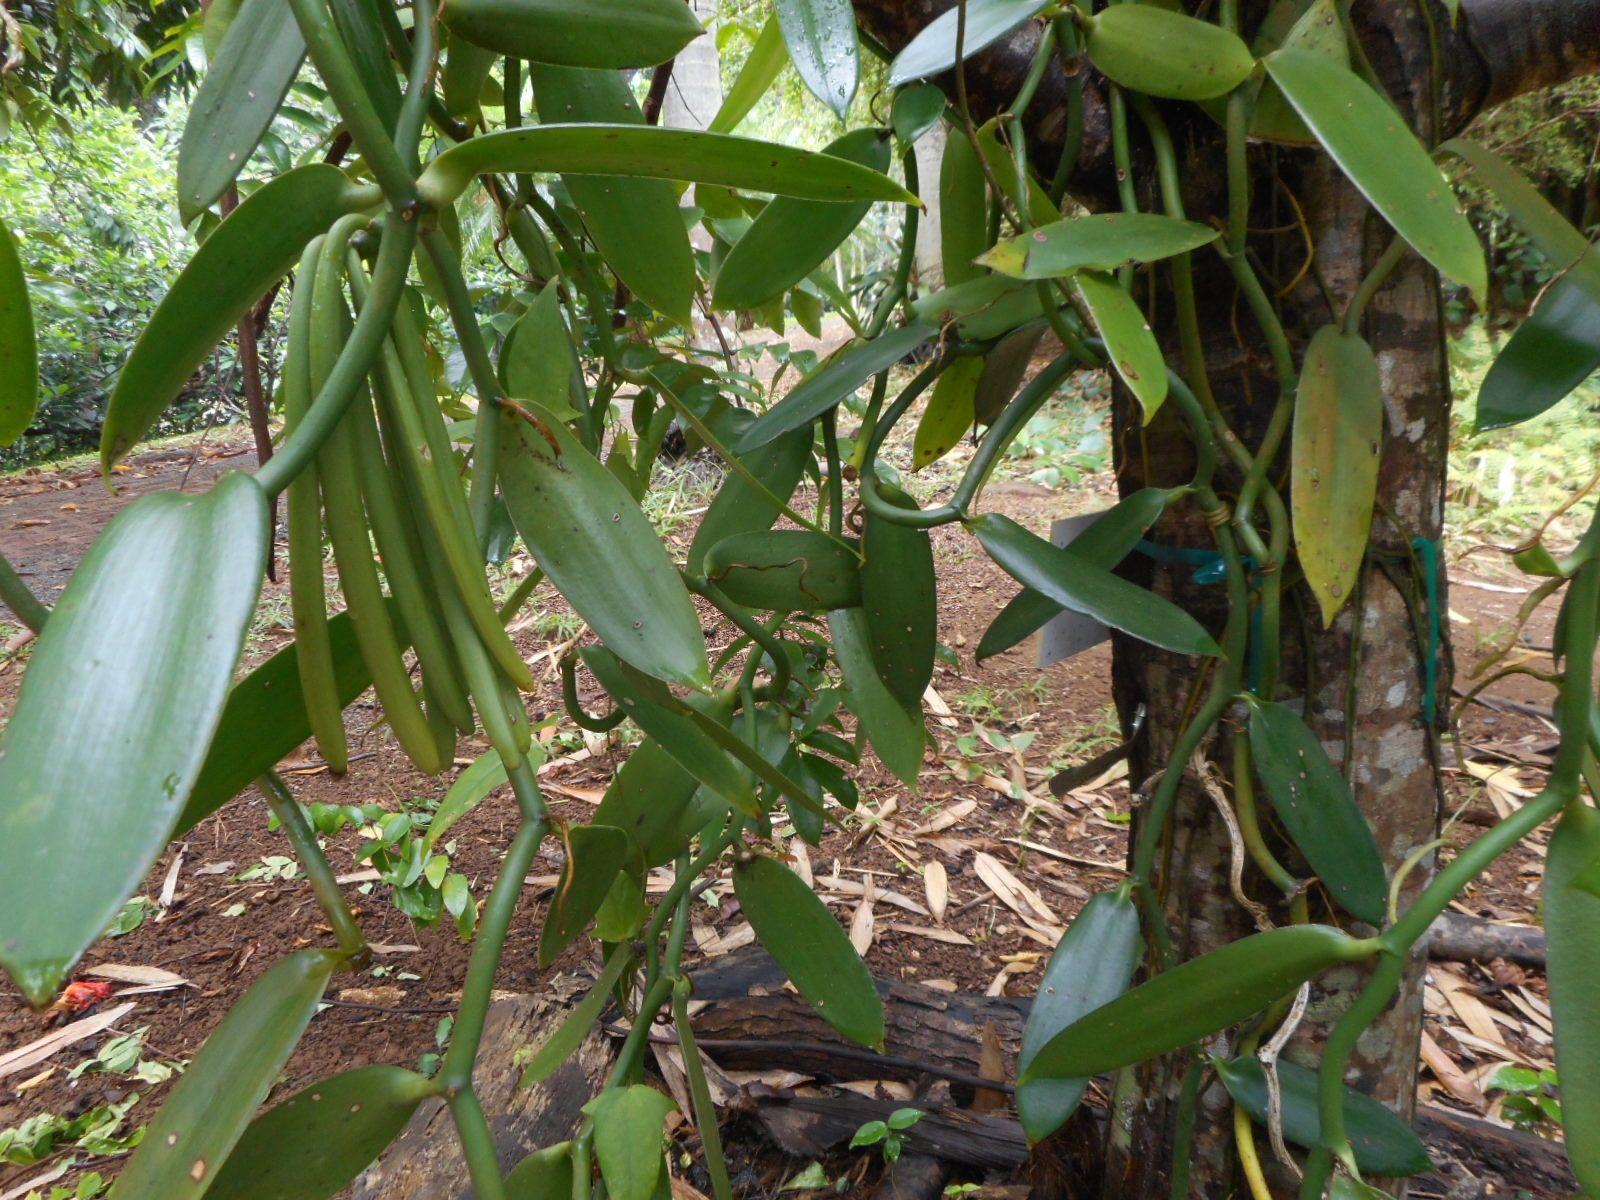 Vanilla Beans, Steelgrass Chocolate Farm, Kauai | My Hawaii Photos ...